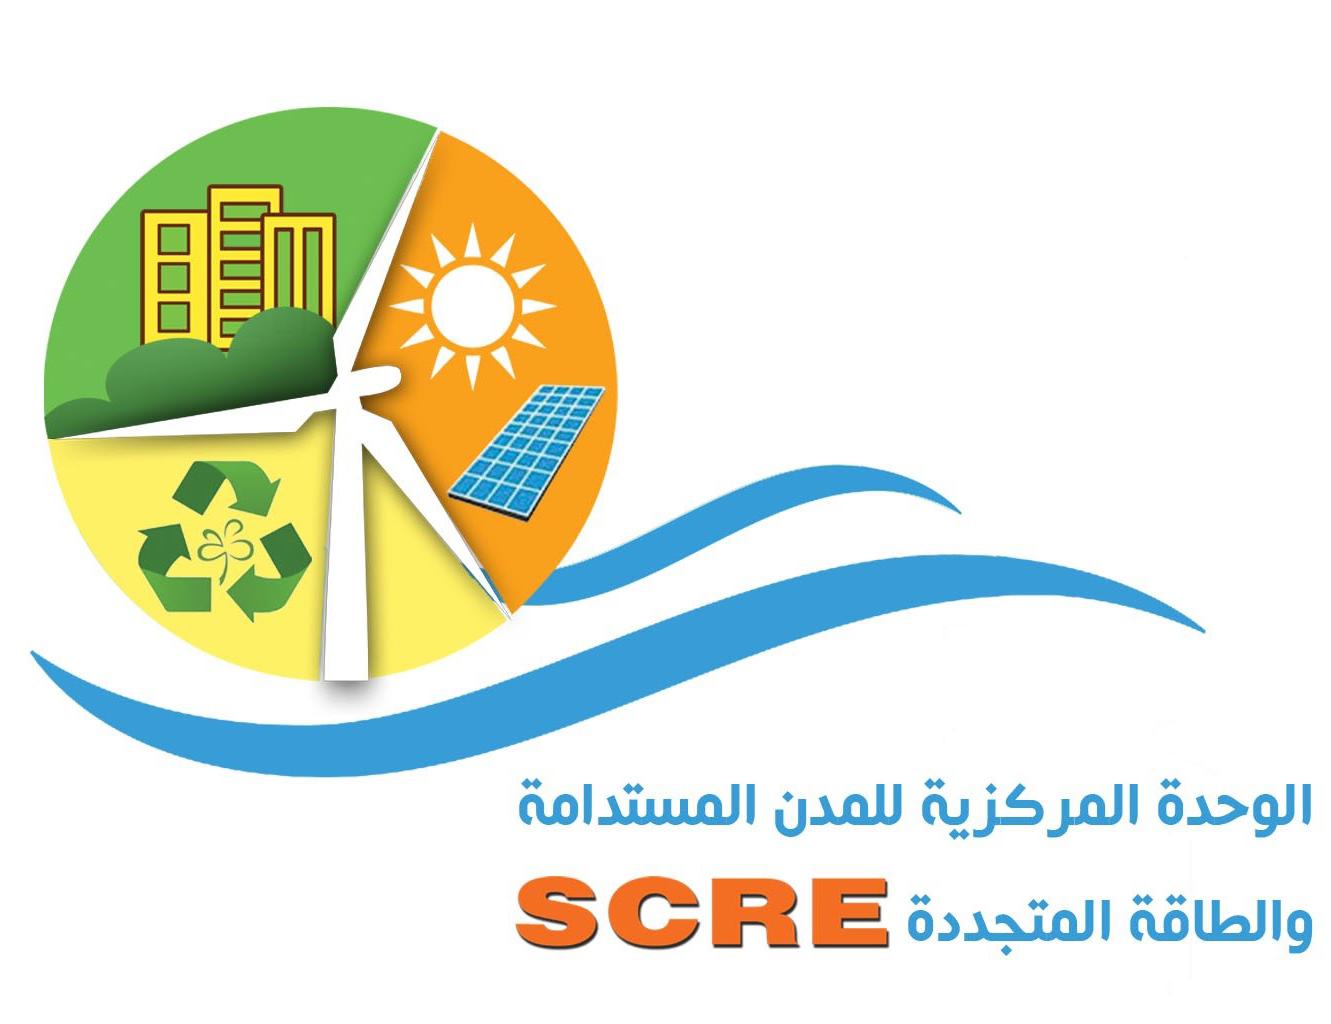 المؤتمر الأول للوحدة المركزية للمدن المستدامة والطاقة المتجددة